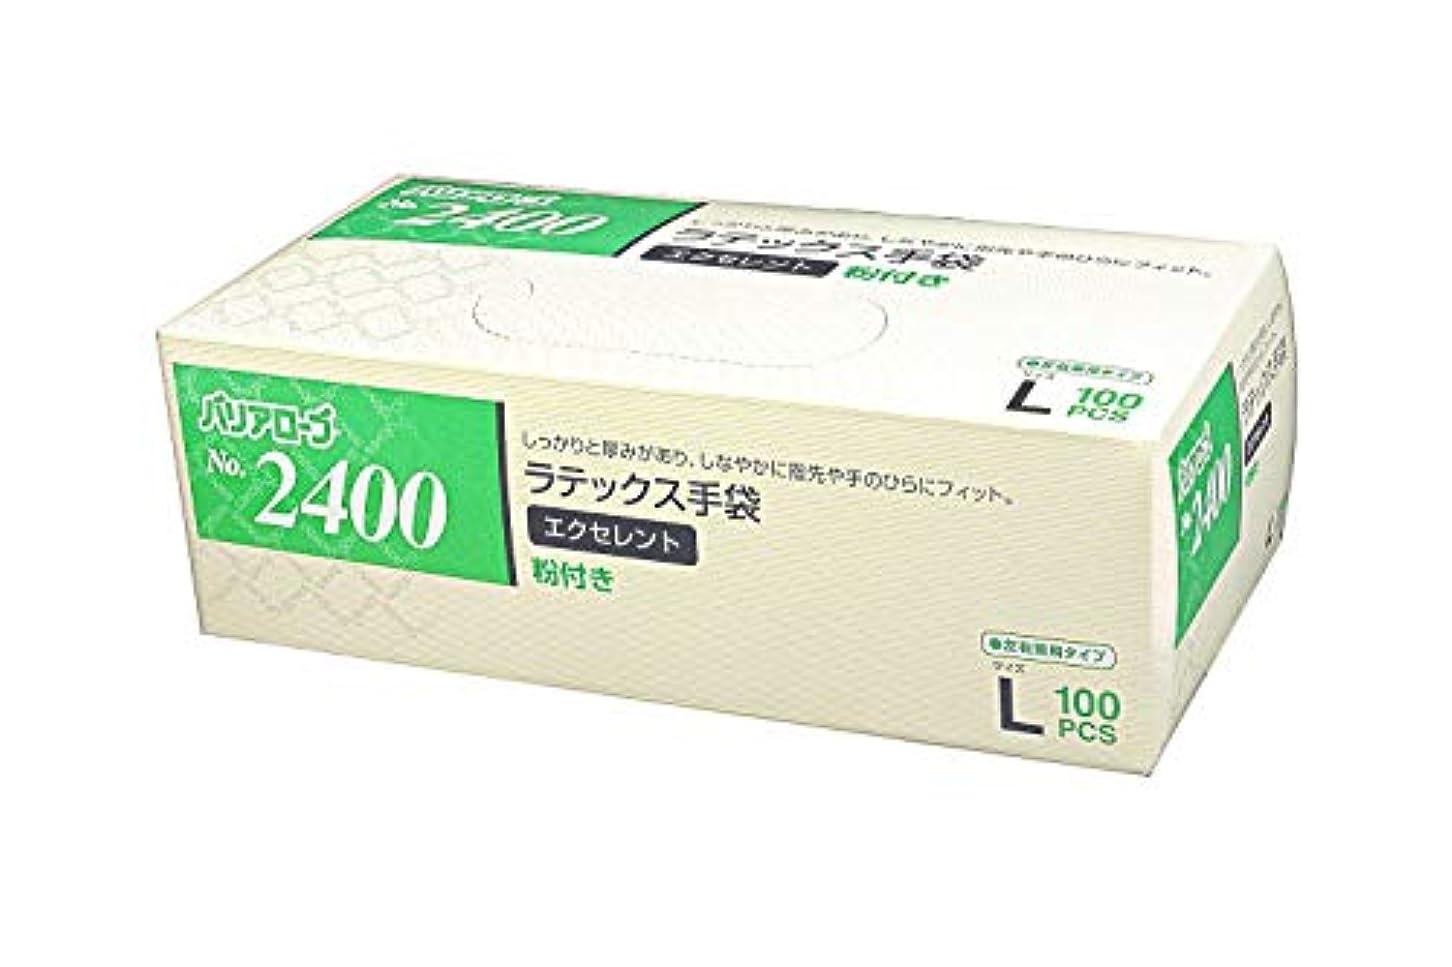 精通したパラダイス漁師【ケース販売】 バリアローブ №2400 ラテックス手袋 エクセレント (粉付き) L 2000枚(100枚×20箱)